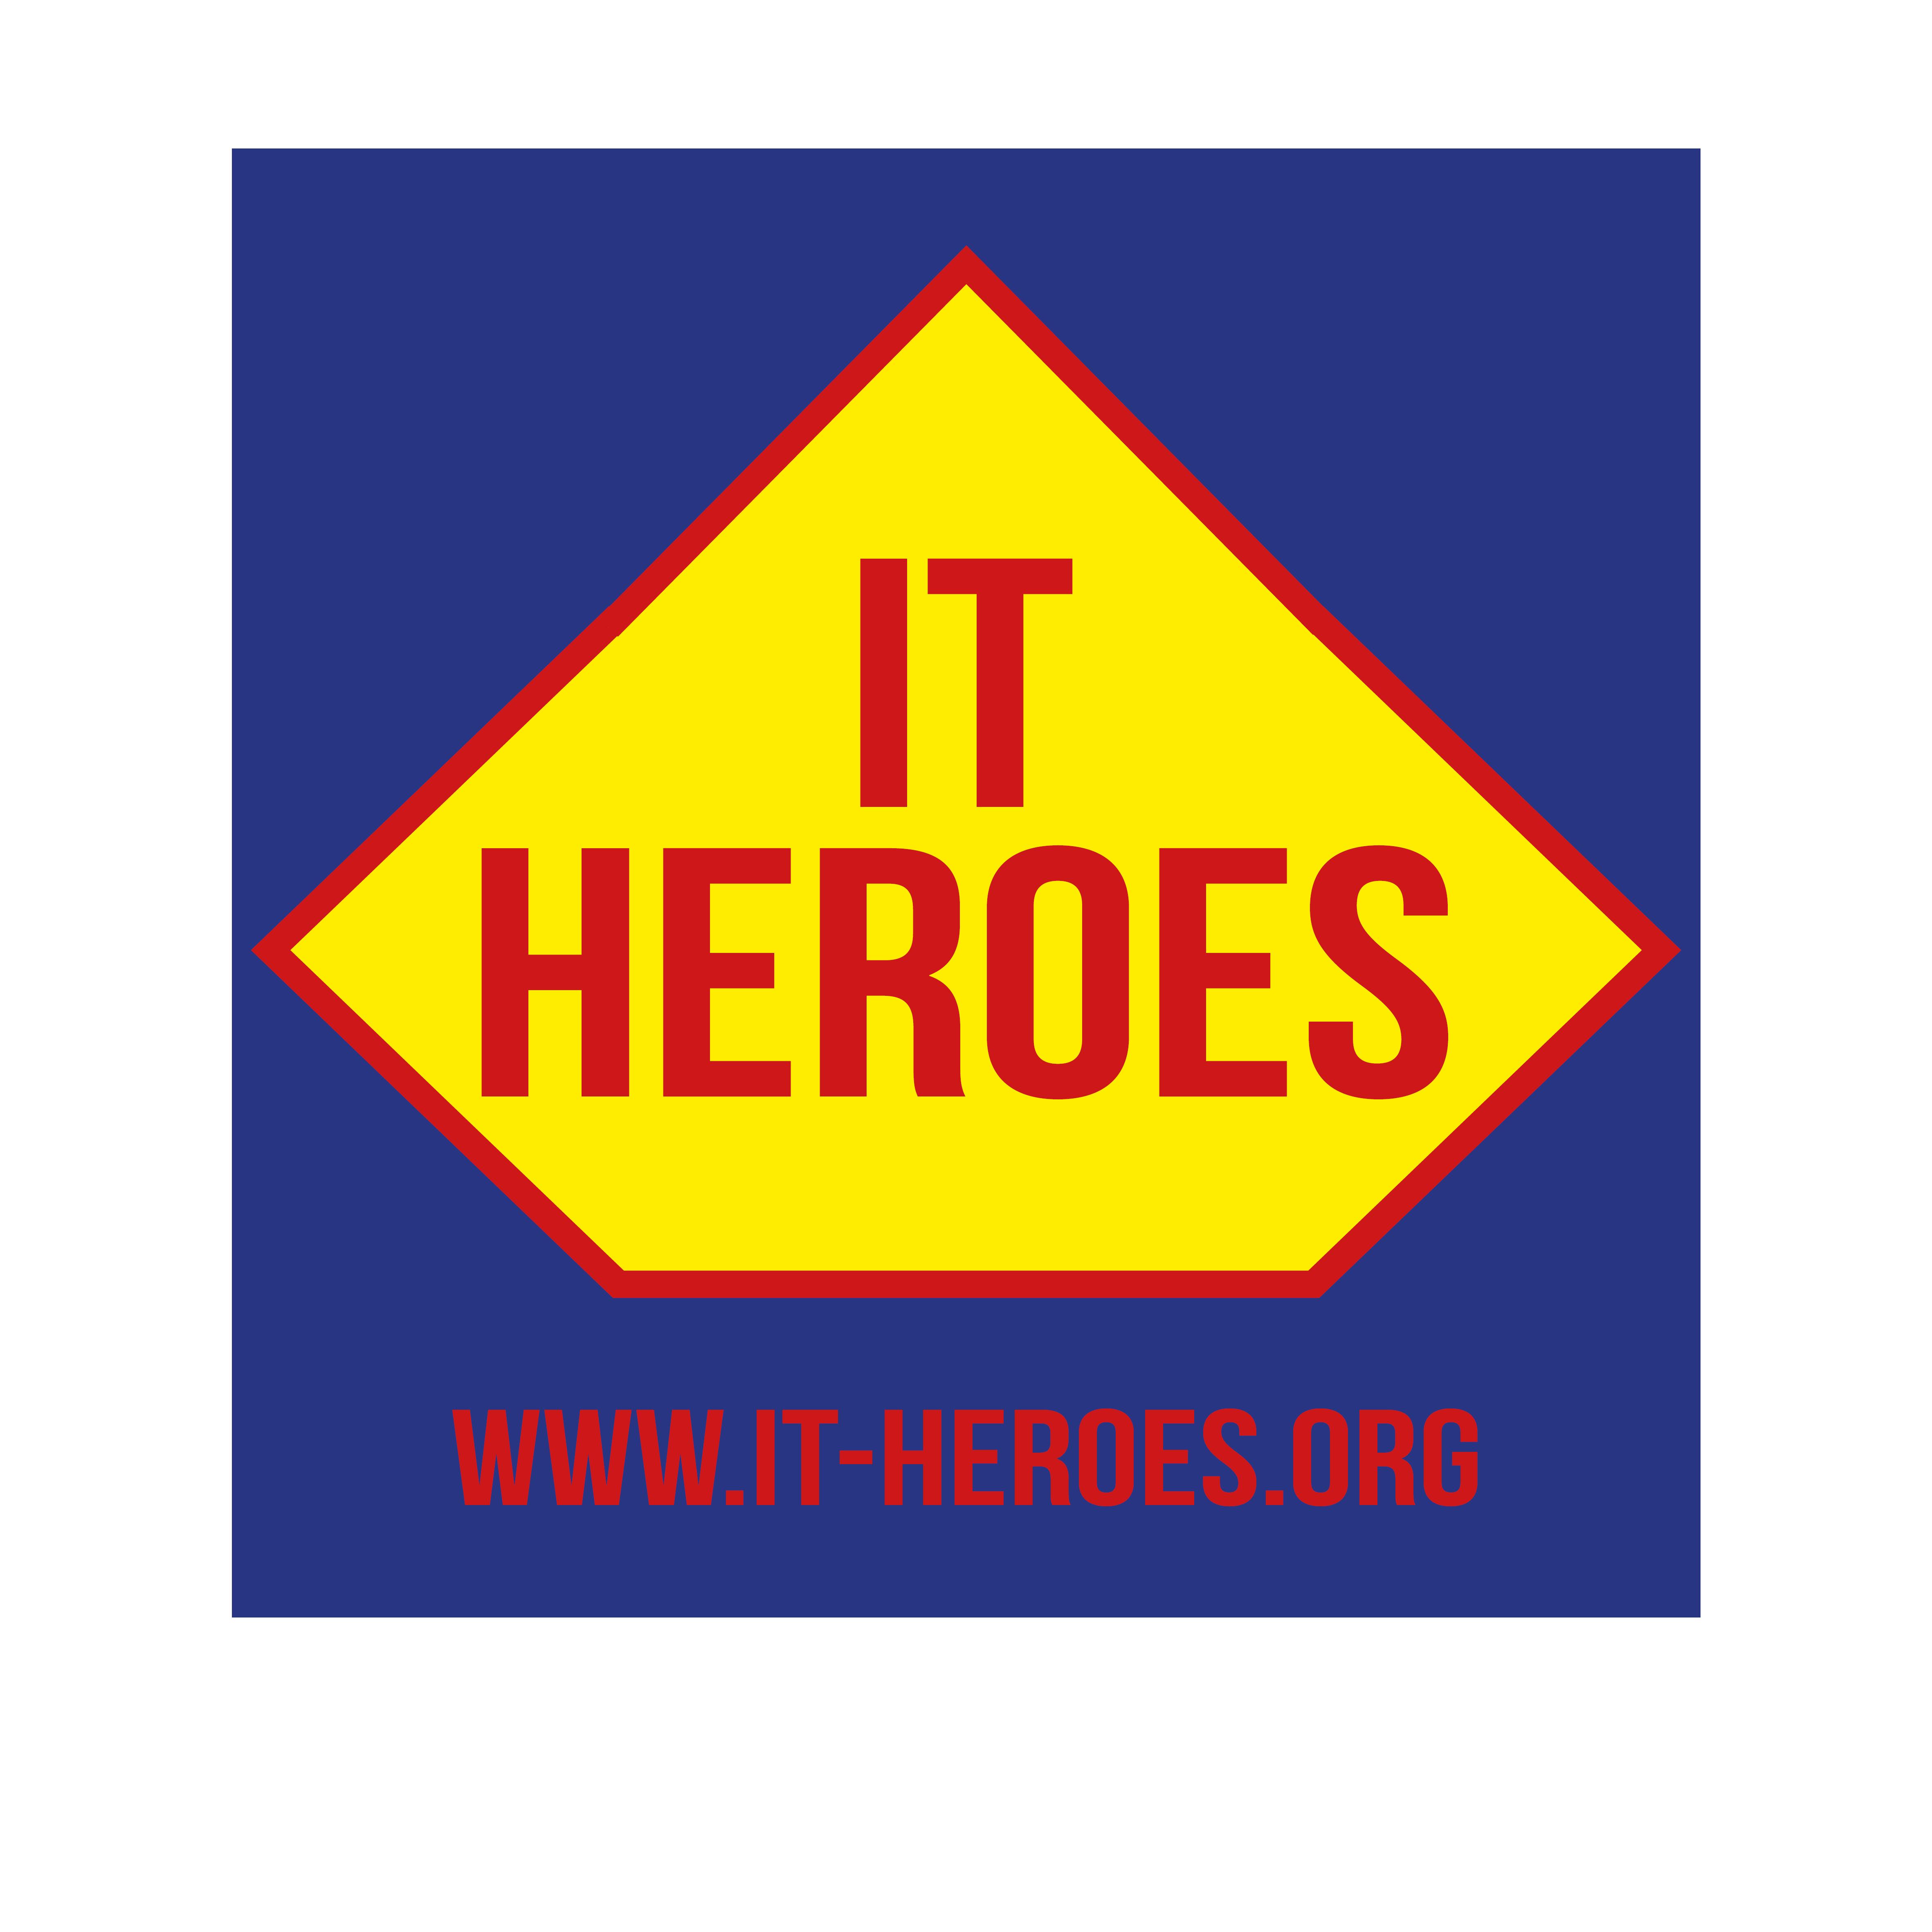 IT Heroes GbR